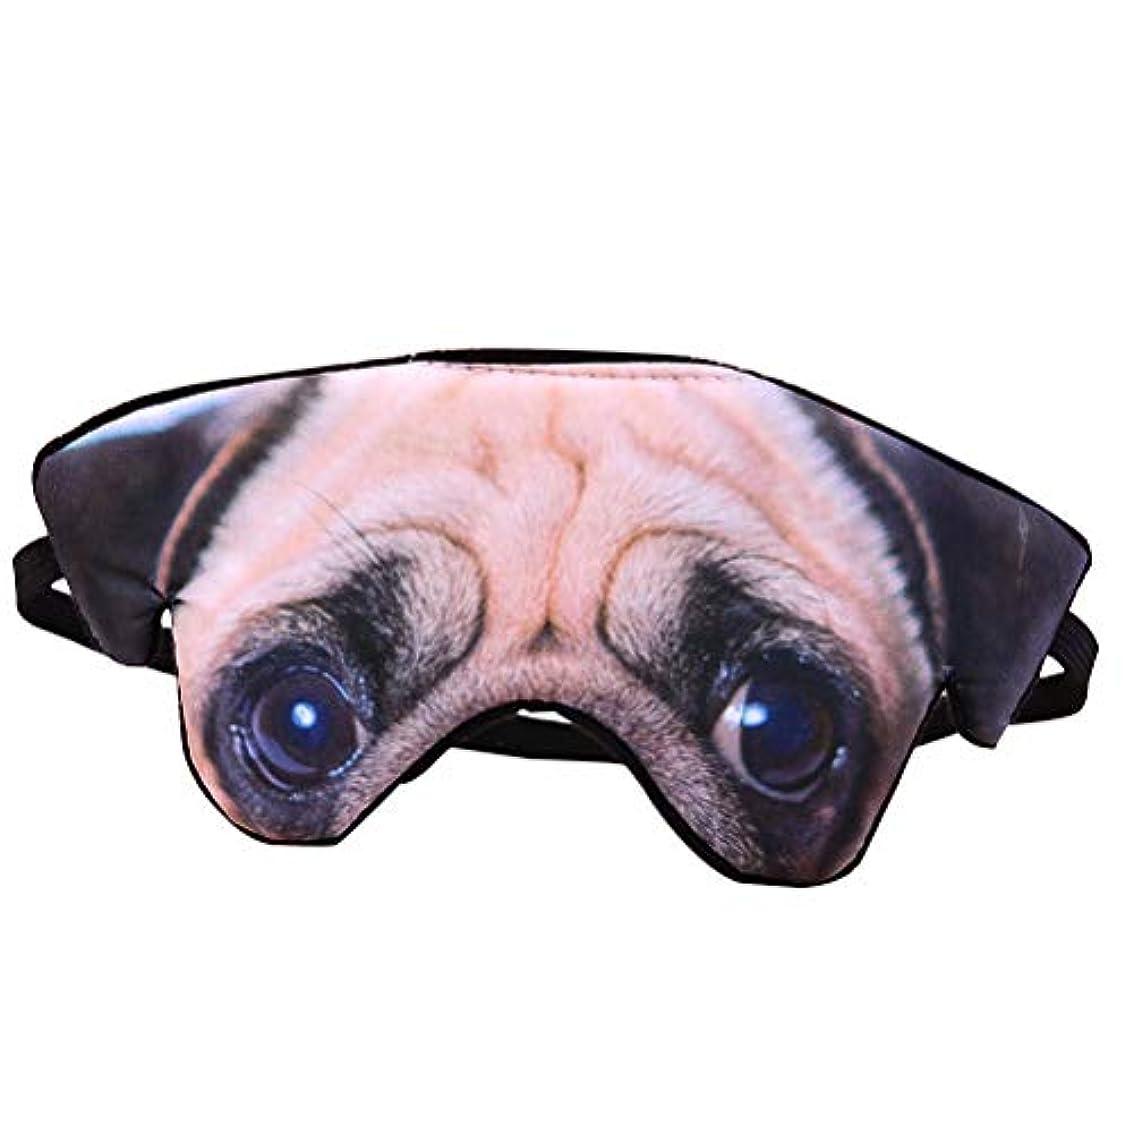 変化会う業界SUPVOX かわいい睡眠マスク目の睡眠マスクの子供のアイマスクパグのパターン(パグ)